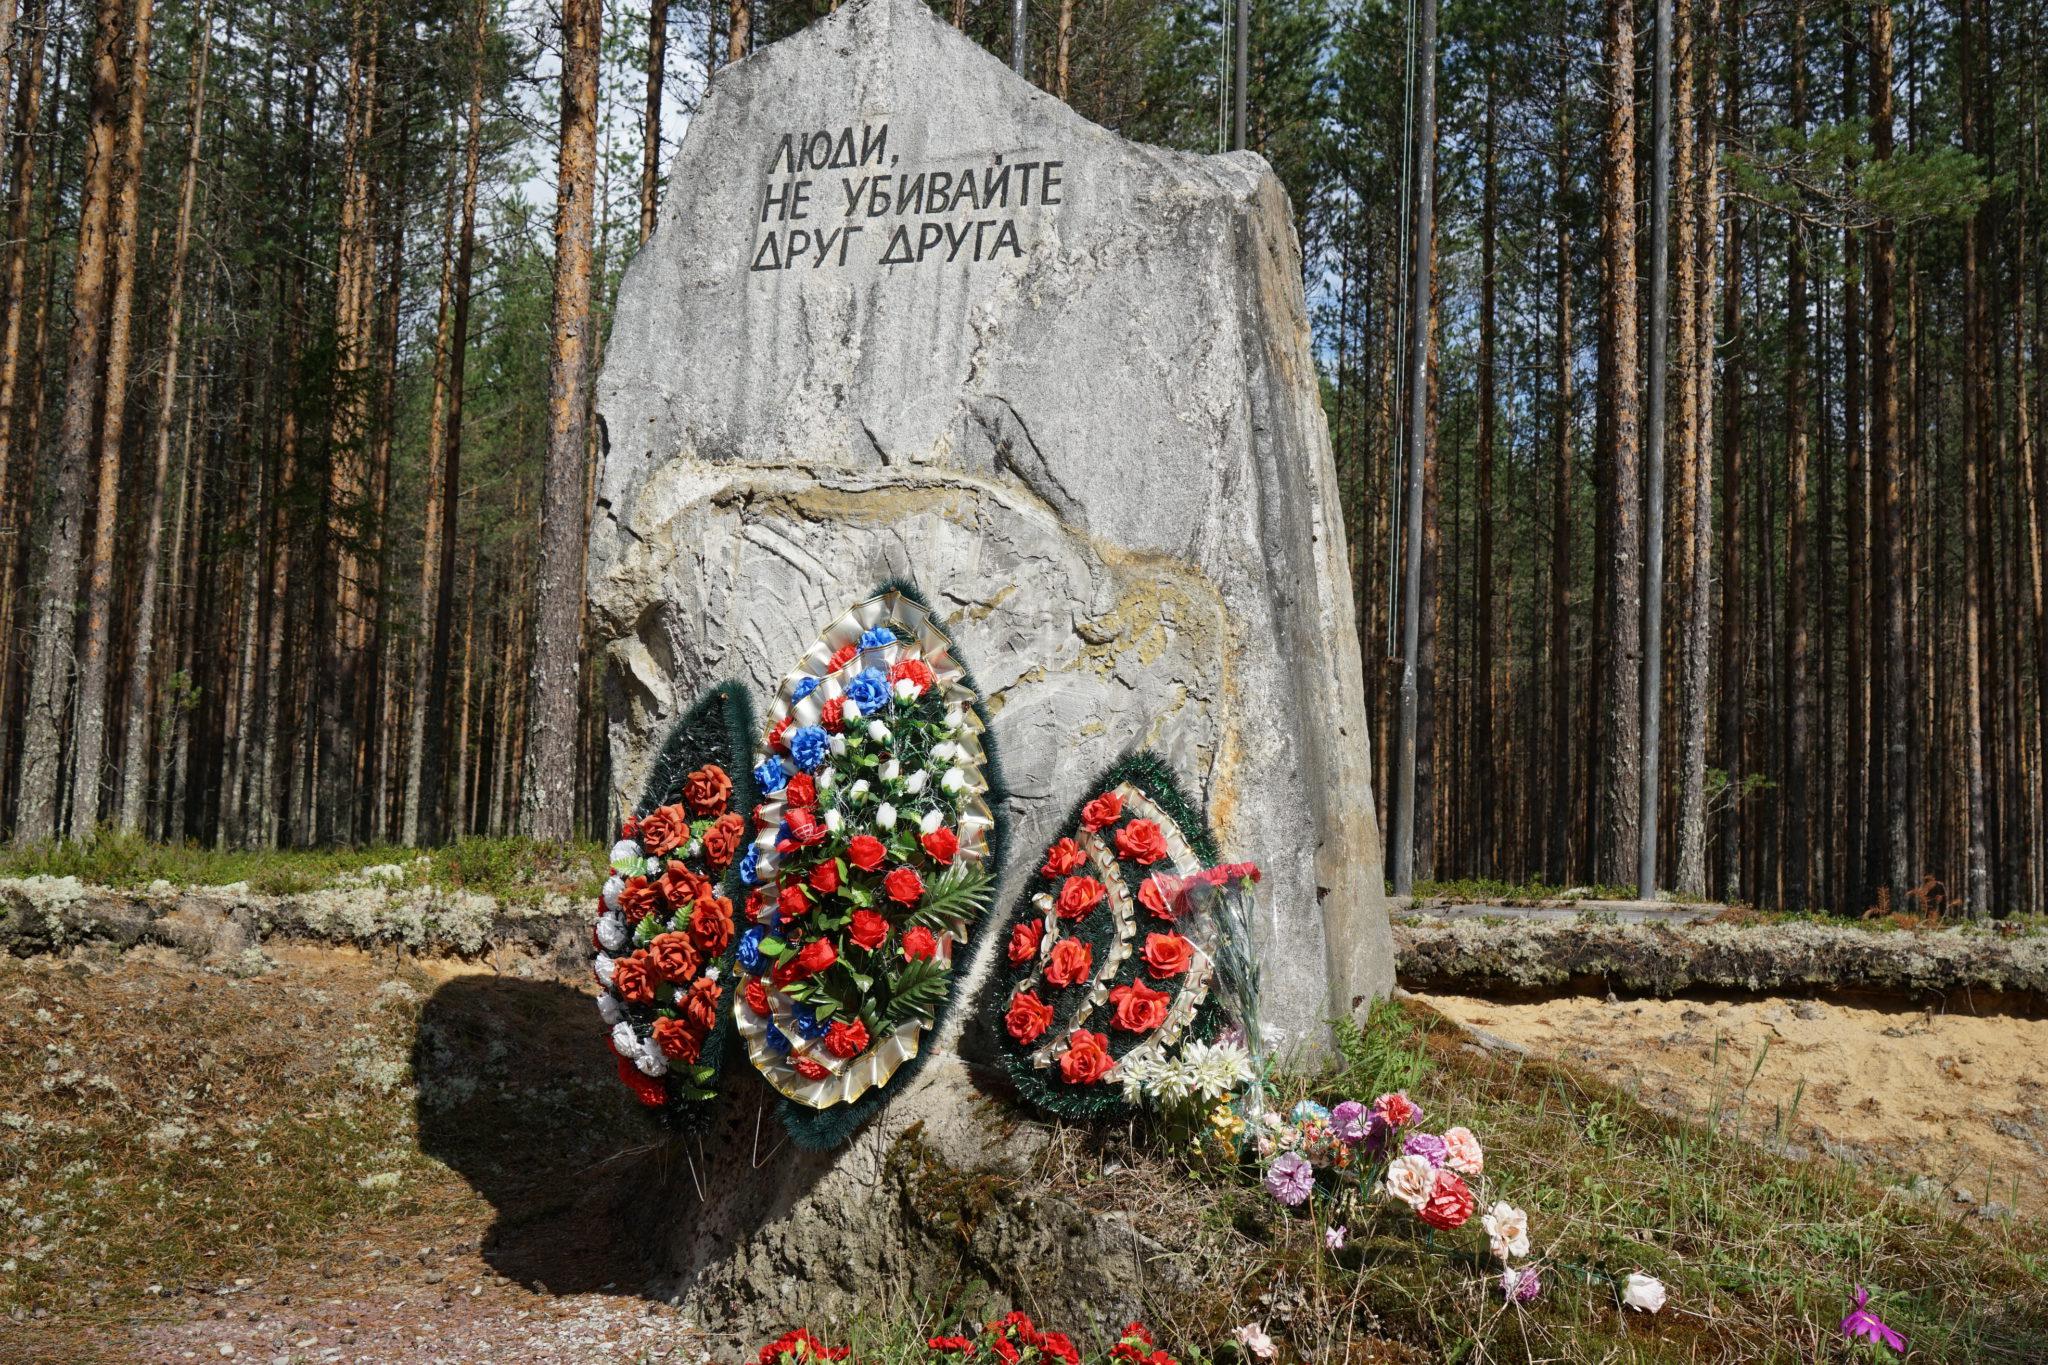 """""""Люди, не убивайте друг друга!"""" Призыв Ю. А. Дмитриева не только к посетителям Сандармоха, но и ко всему человечеству"""